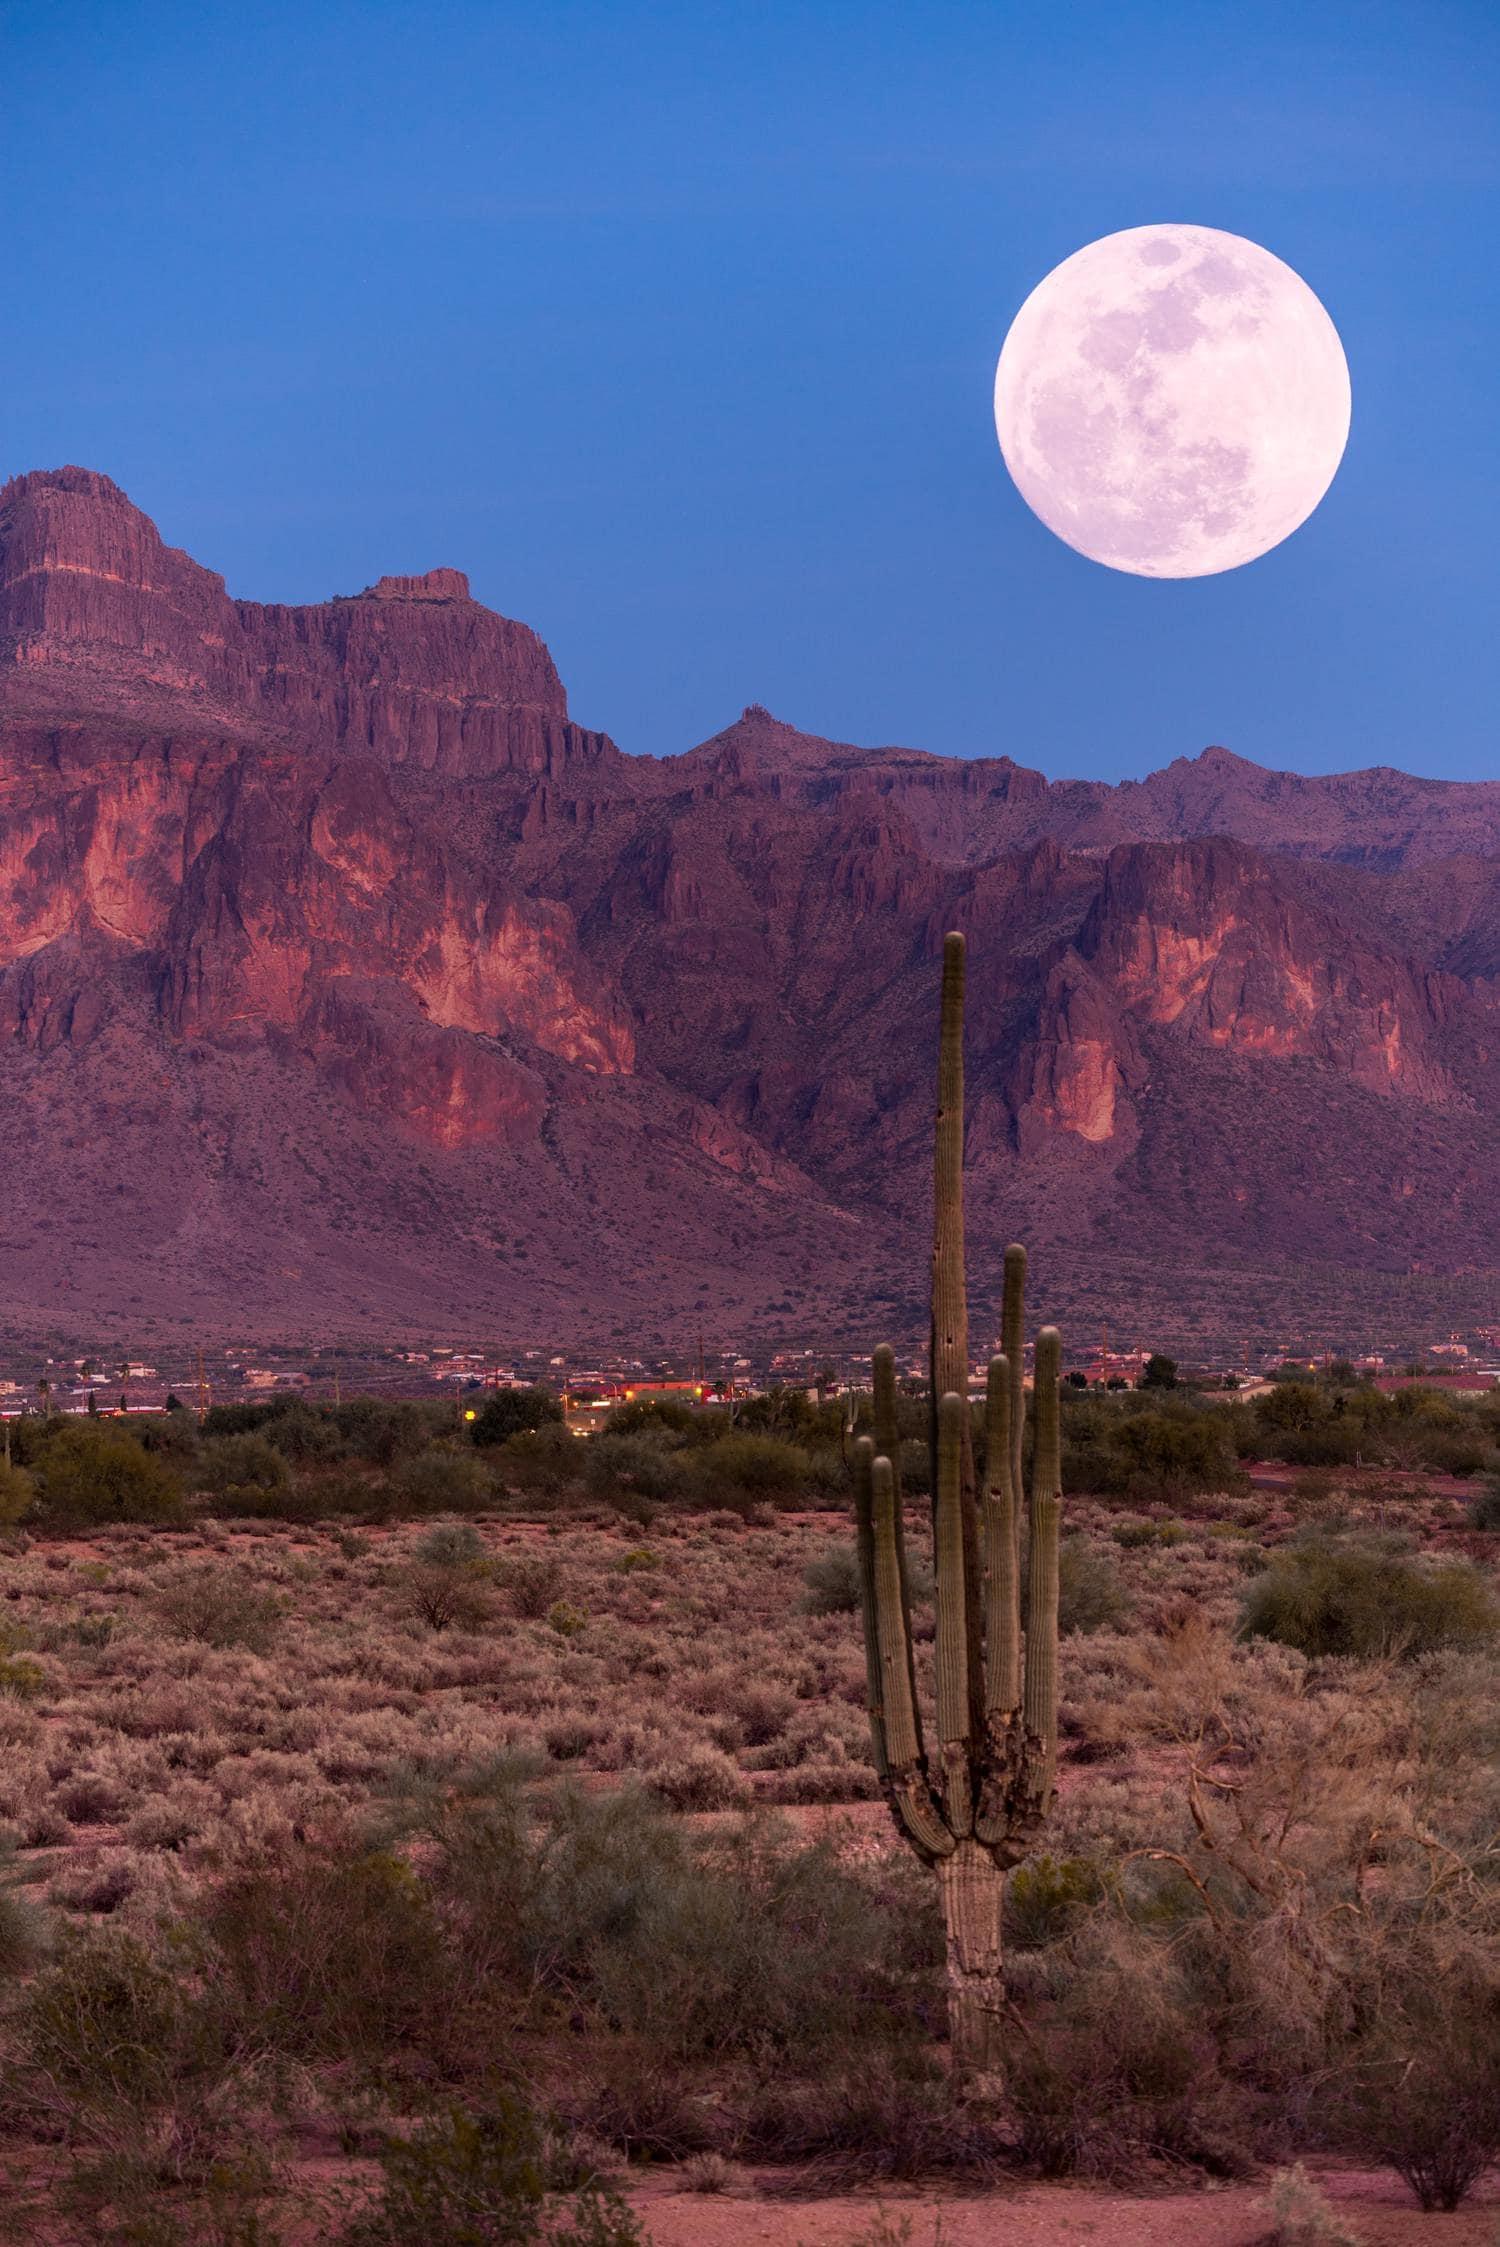 Paisaje con luna fotografiado con un objetivo de 600mm